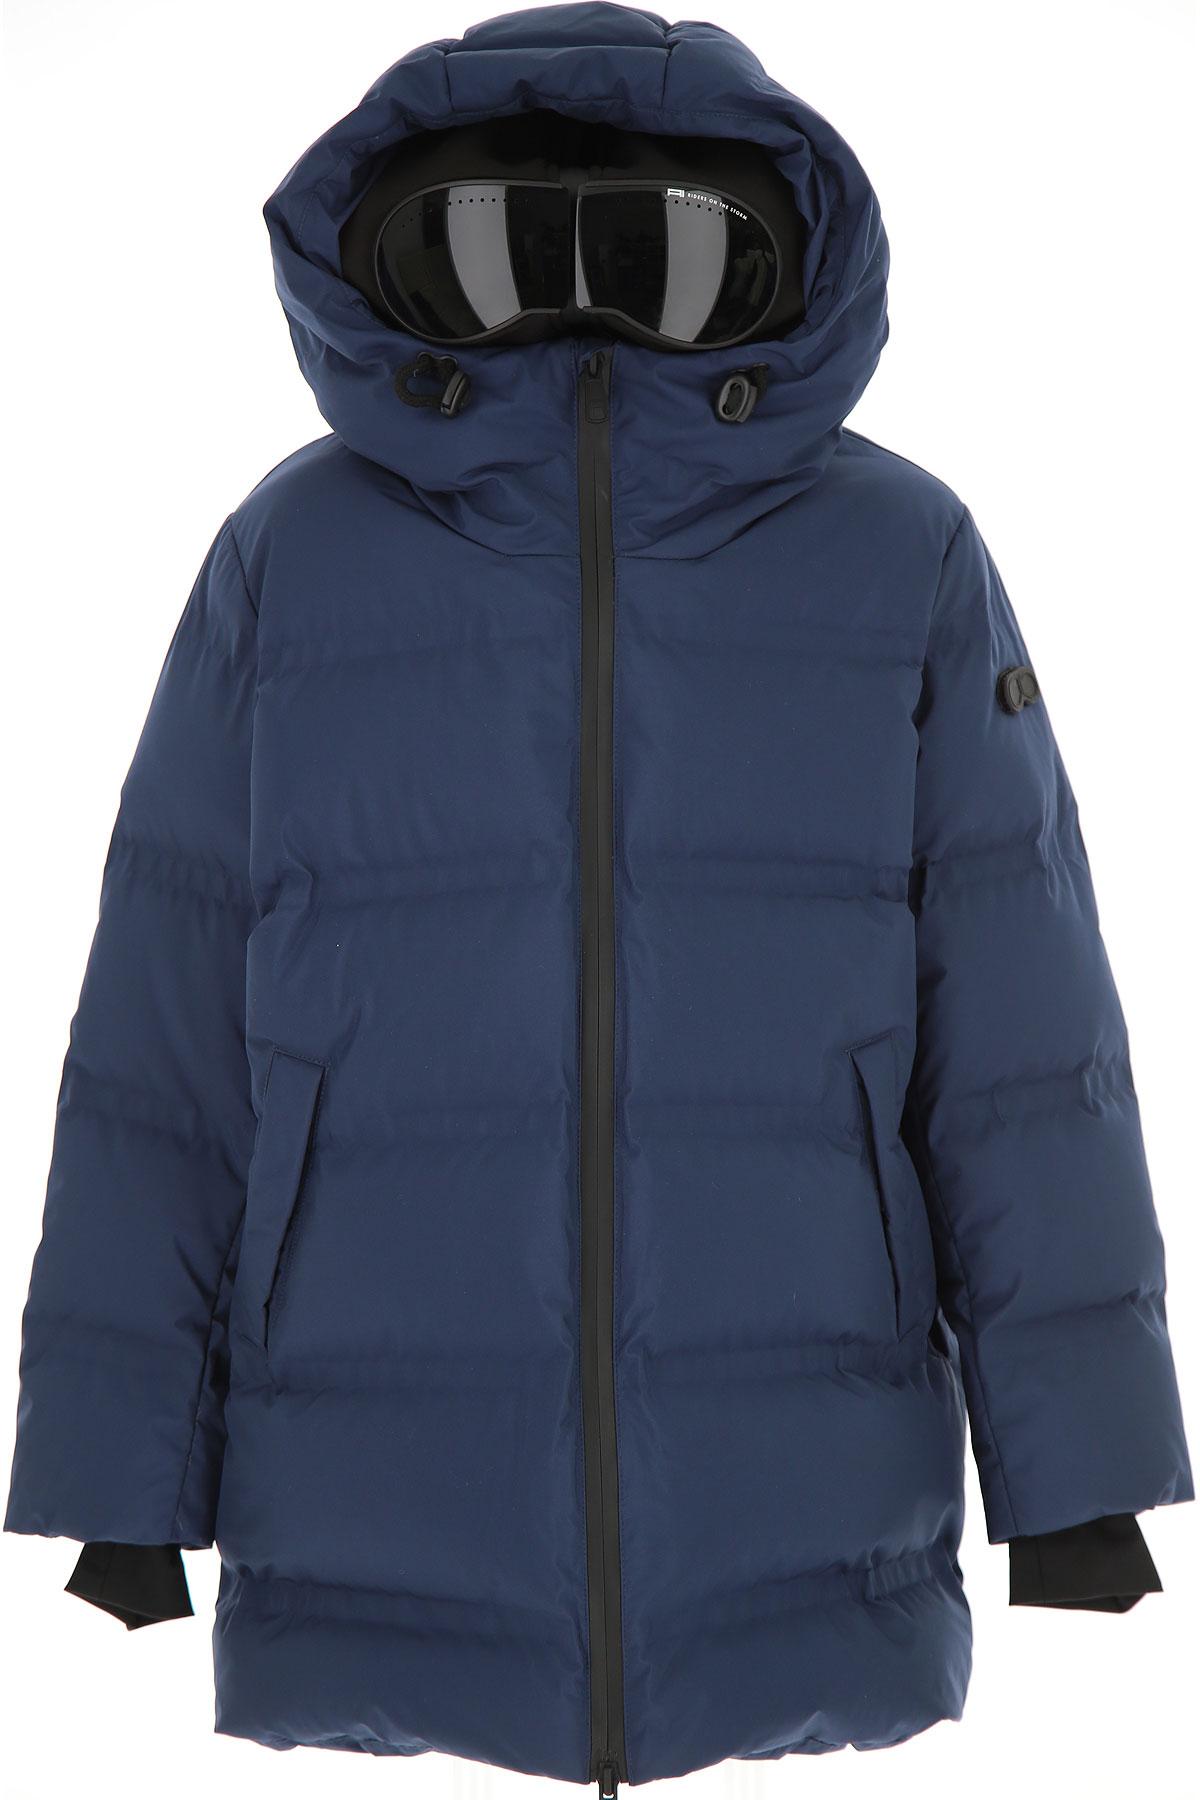 Ai Riders On The Storm Boys Down Jacket for Kids, Puffer Ski Jacket On Sale, Deep Blue, polyester, 2019, 10Y 12Y 14Y 16Y 4Y 6Y 8Y